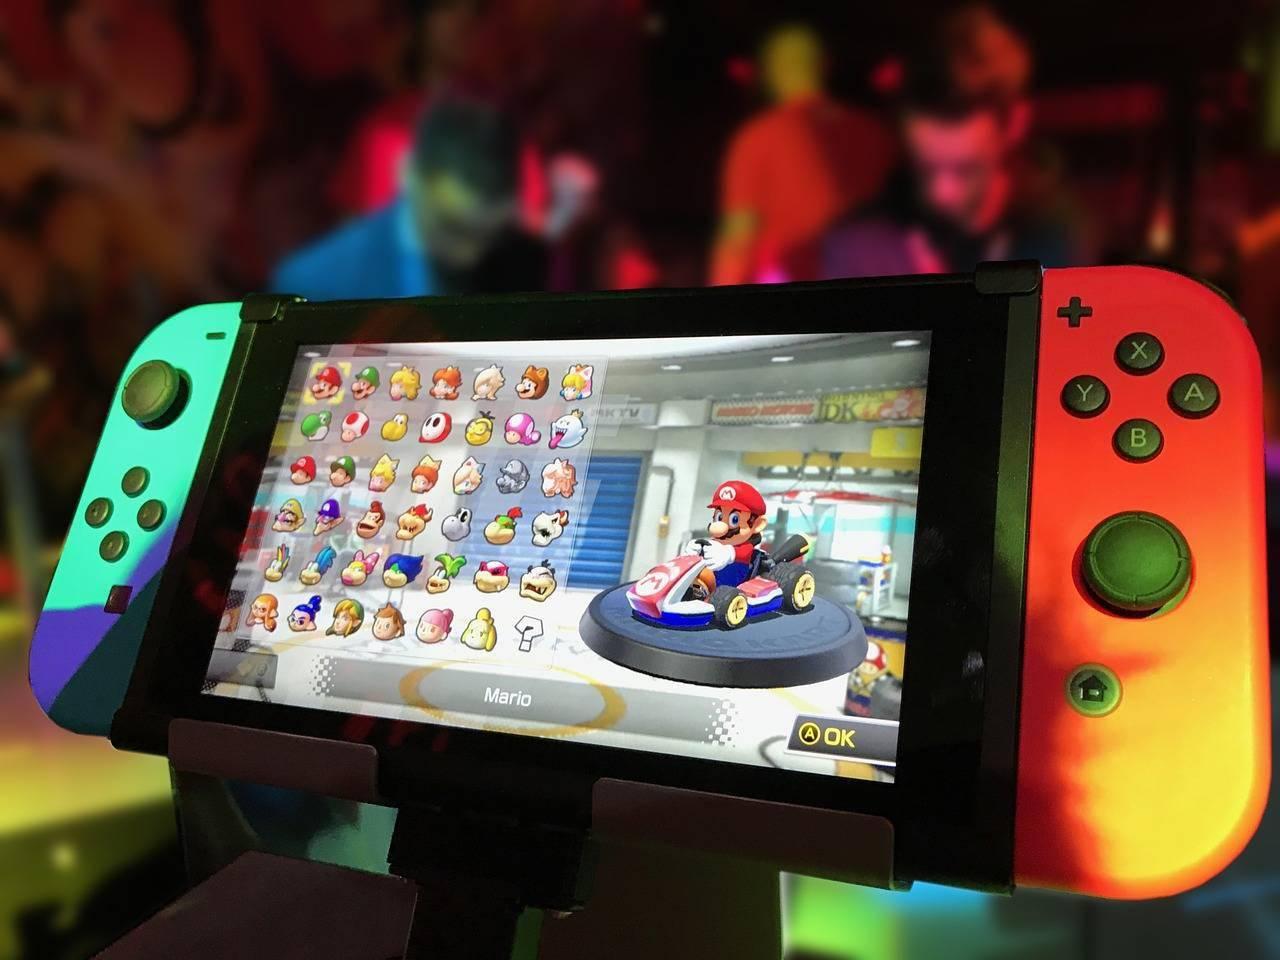 销量已超FC红白机!任天堂NS创奇迹:即将赶超索尼PSP